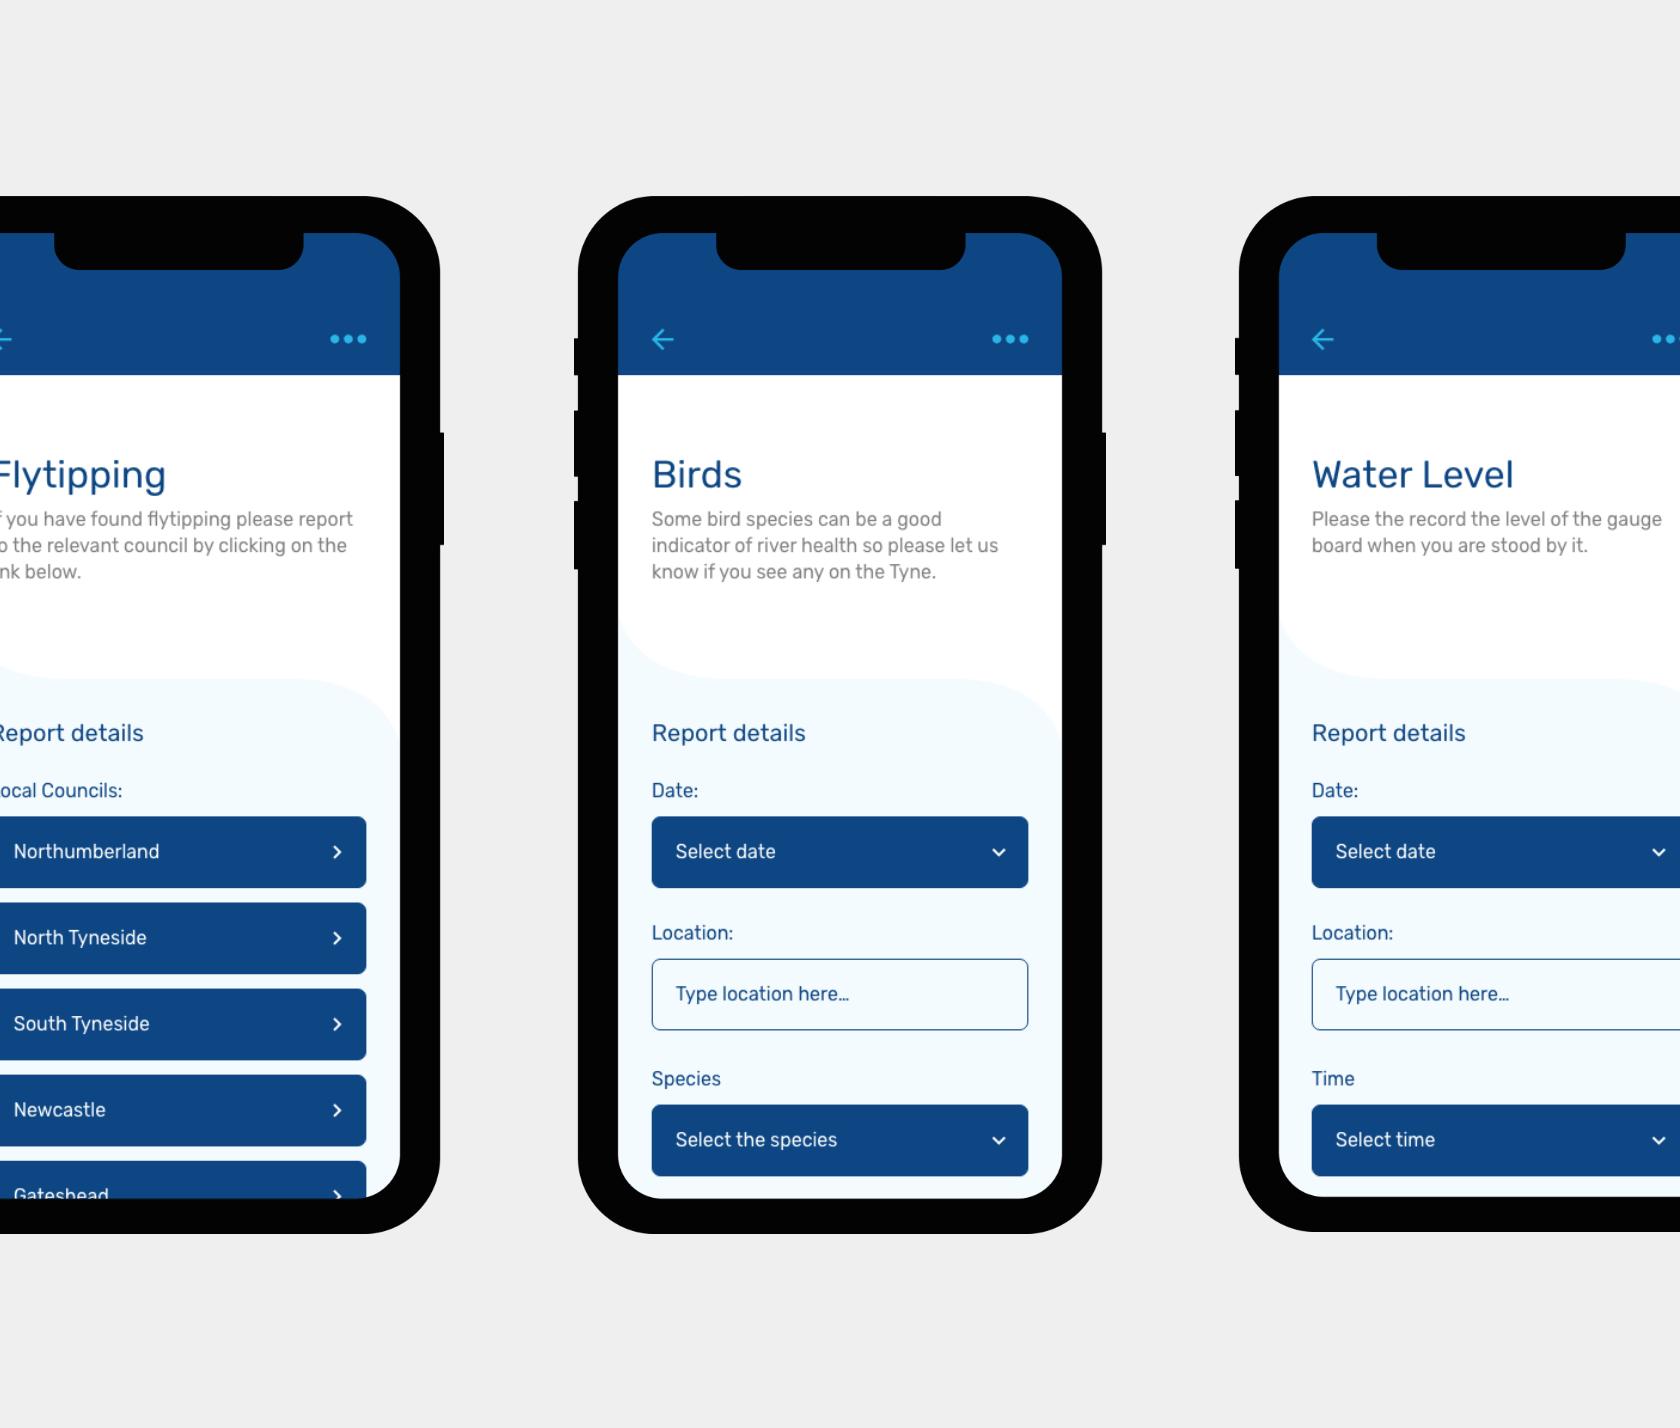 Mobile app design for Tyne Rivers Trust